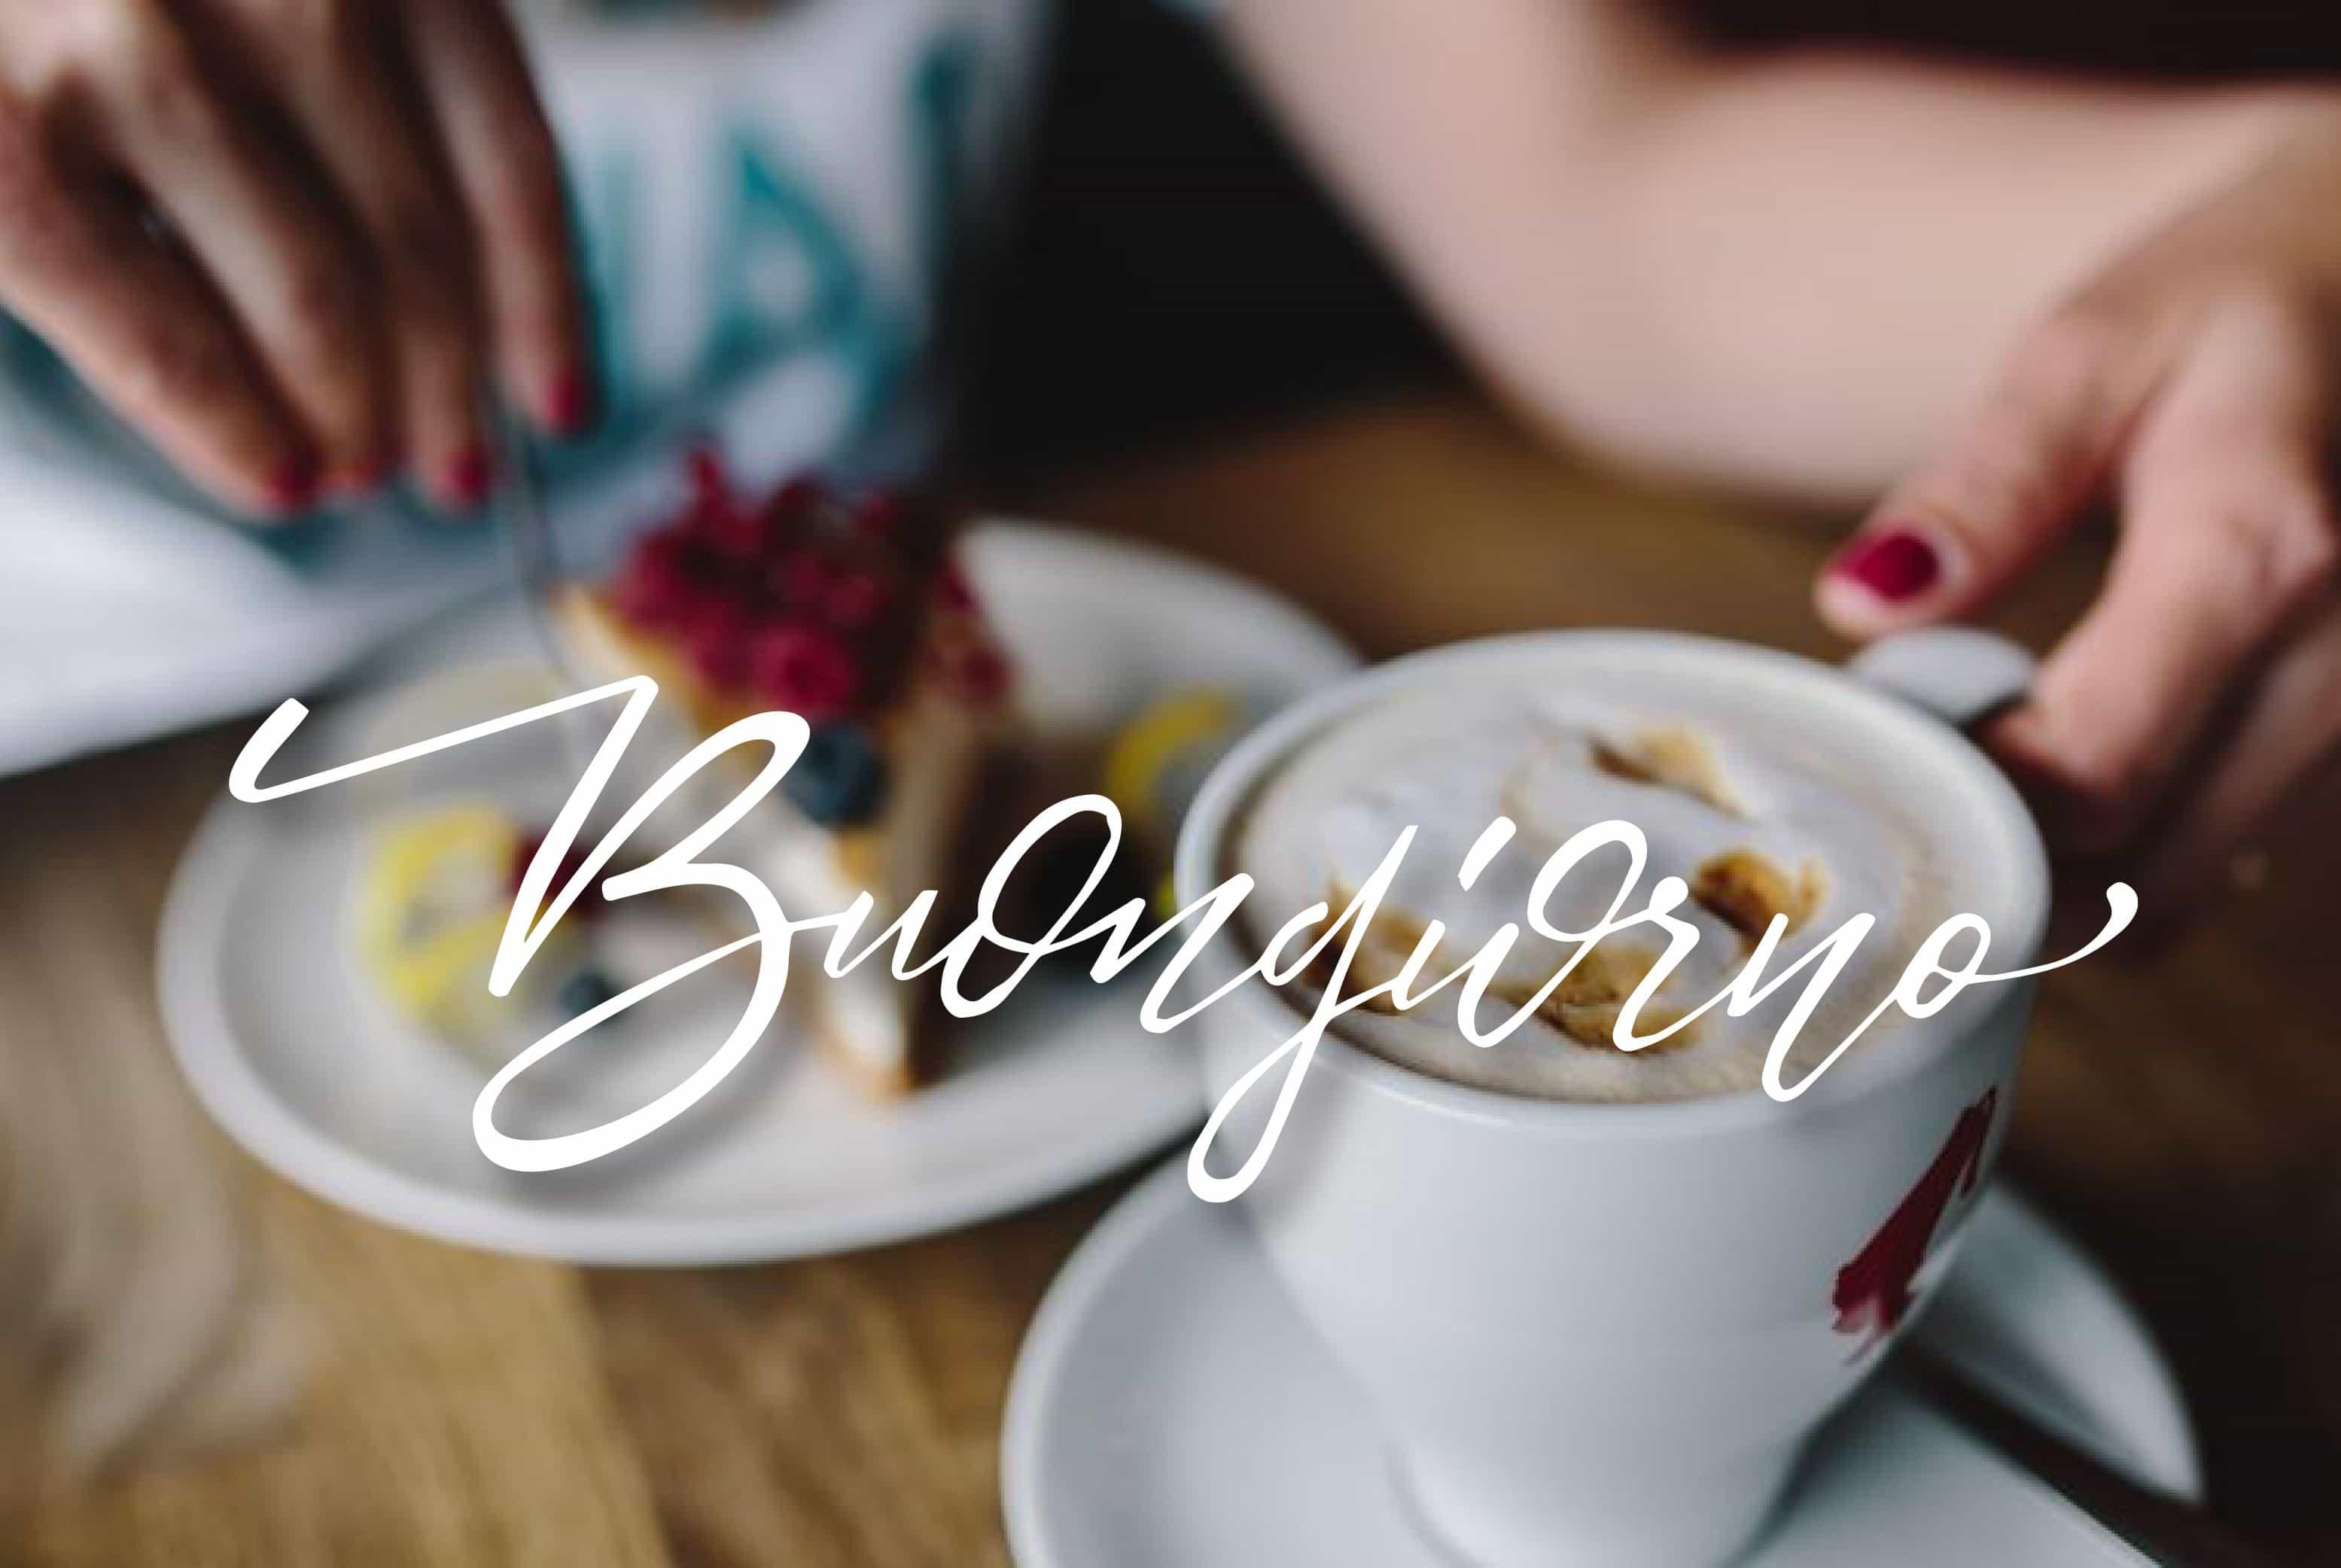 Buon caffé e buon giorno foto romantico